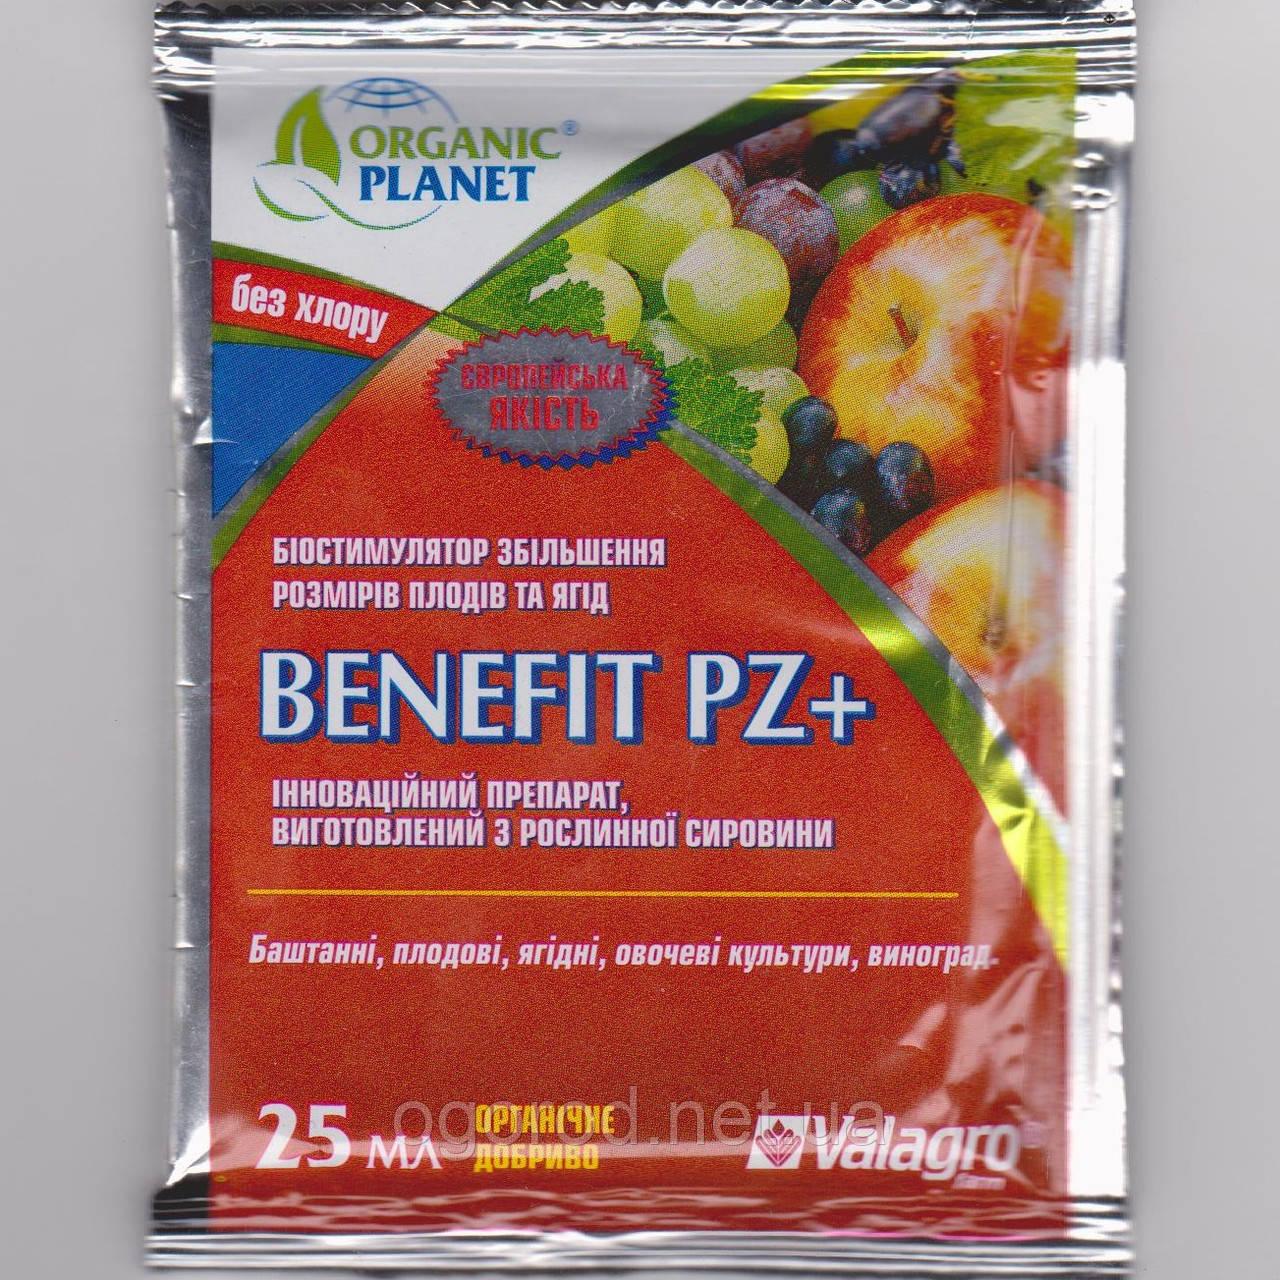 Бенефит 25 мл. биостимулятор увеличения размера плодов и ягод Valagro Италия